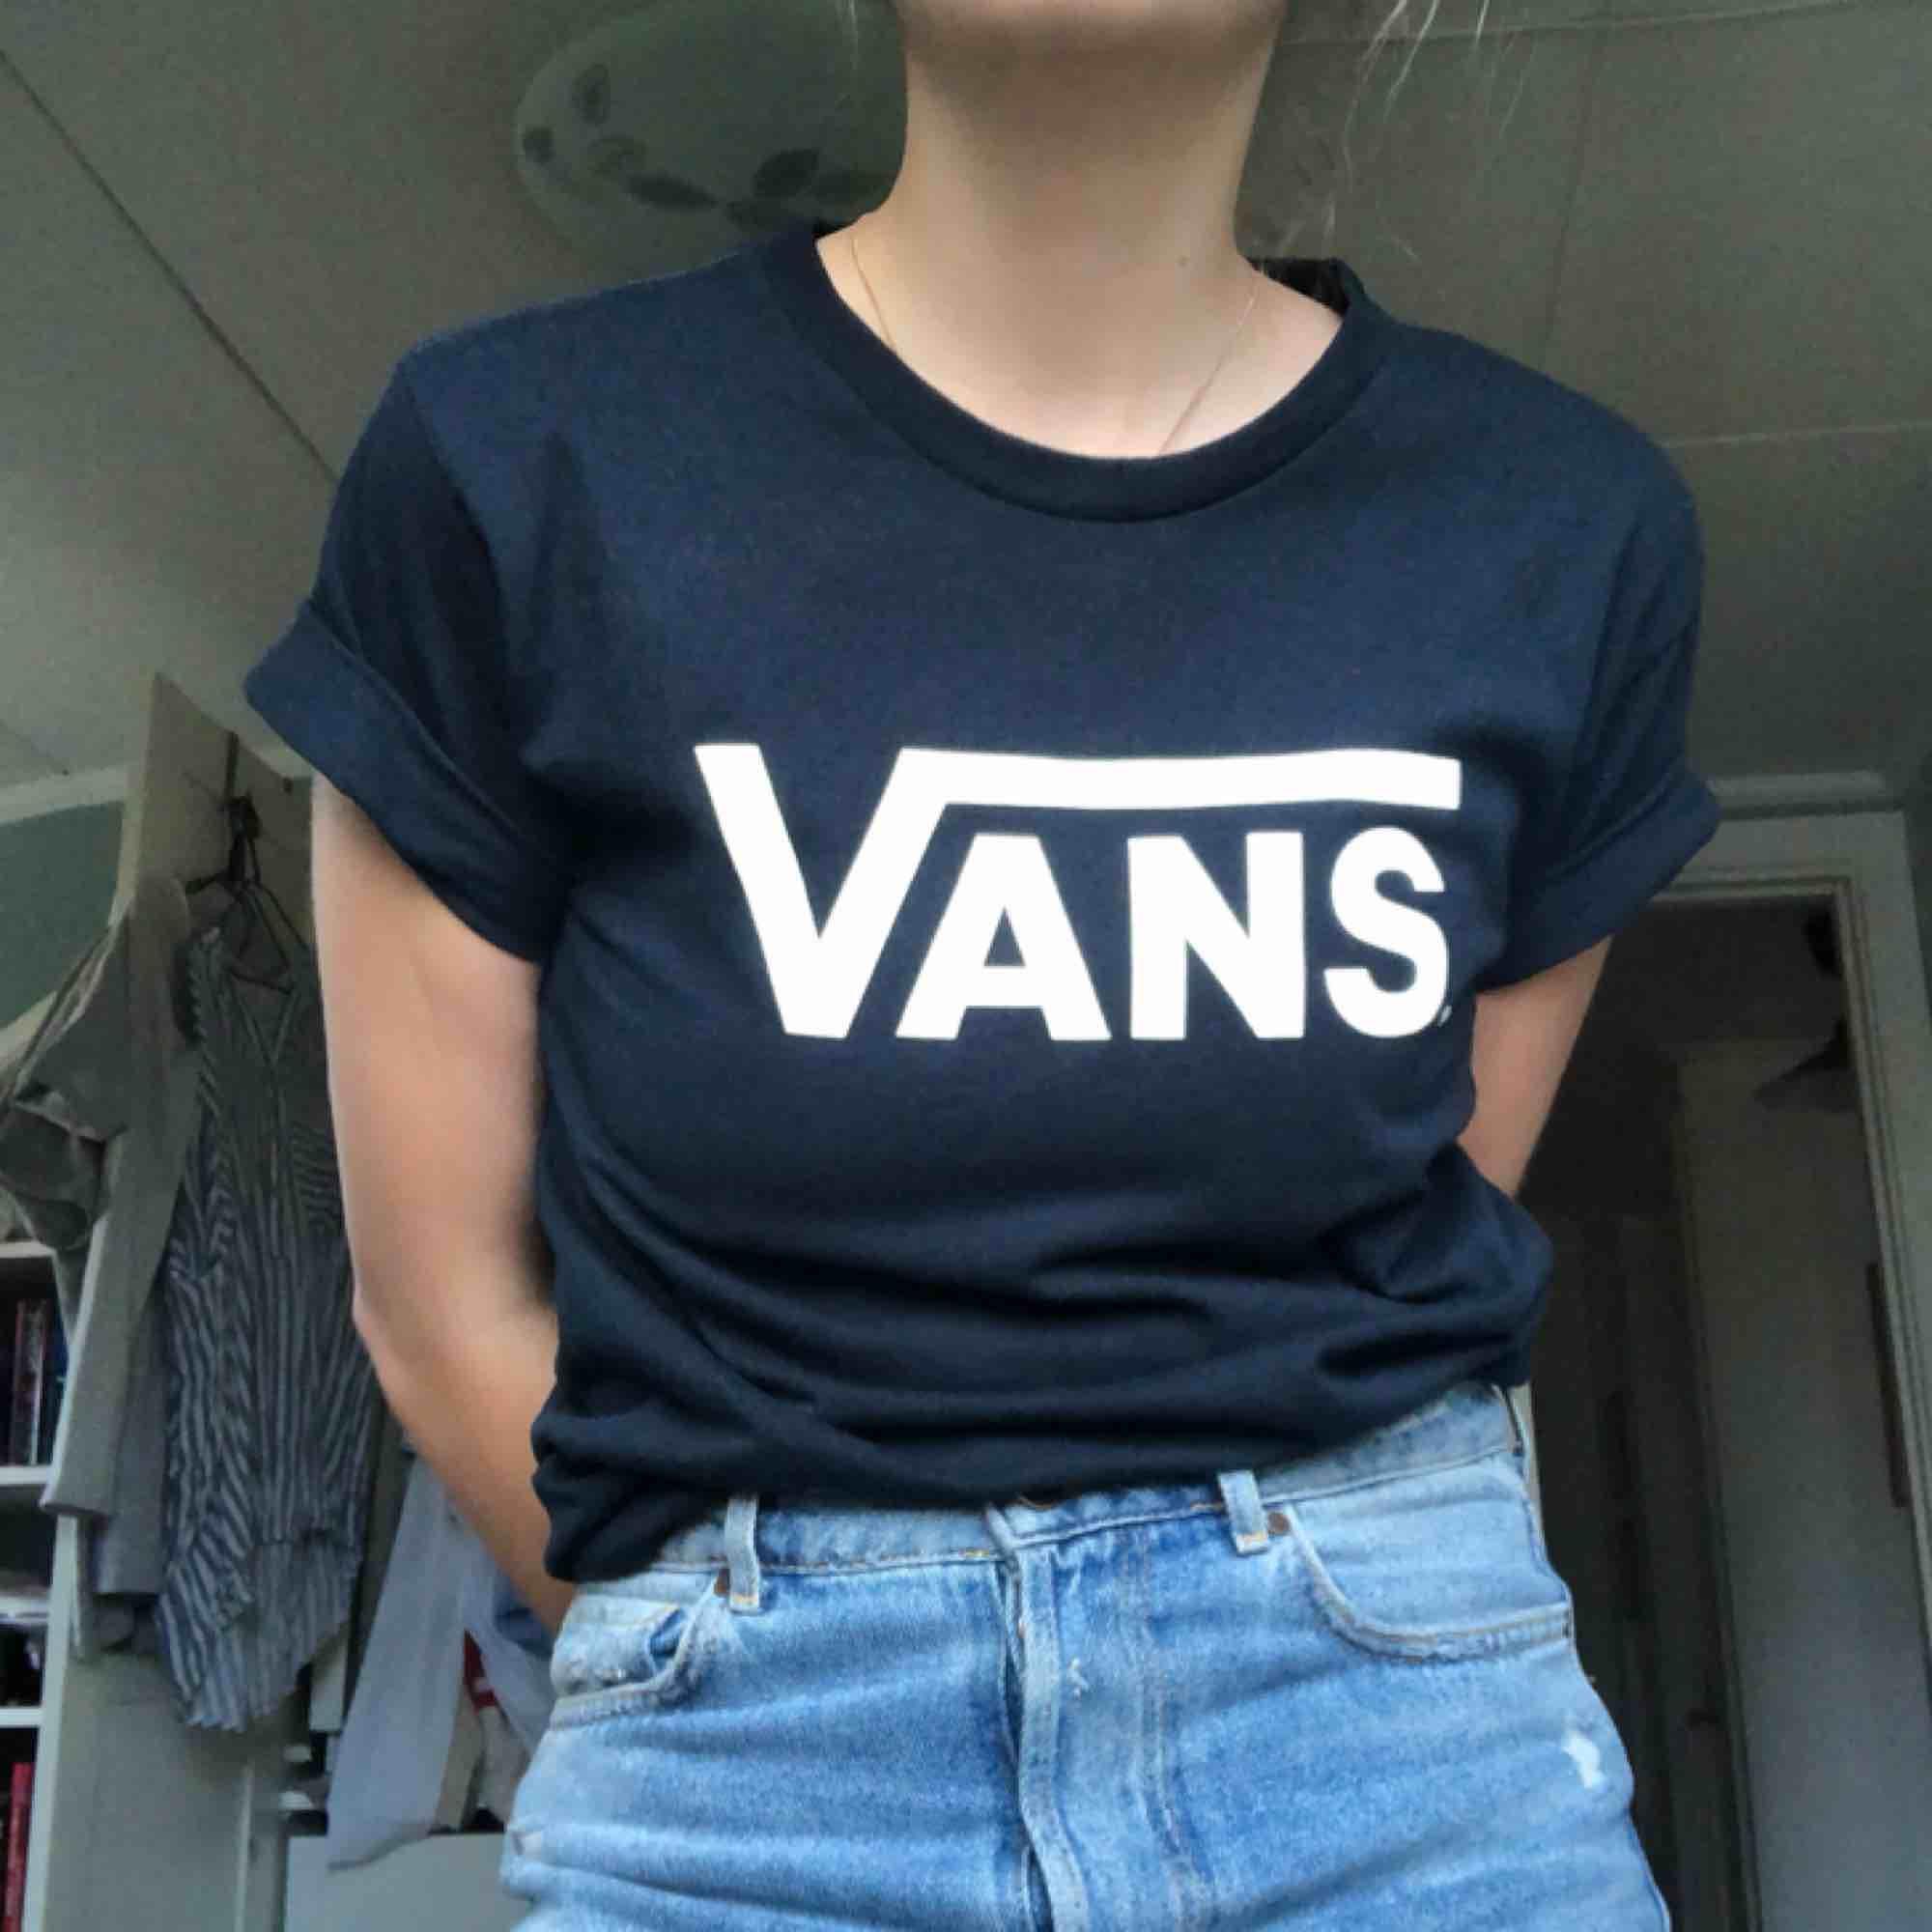 Tshirt från Vans! 🌸 Supersnygg men lite liten för mig tyvärr!. T-shirts.